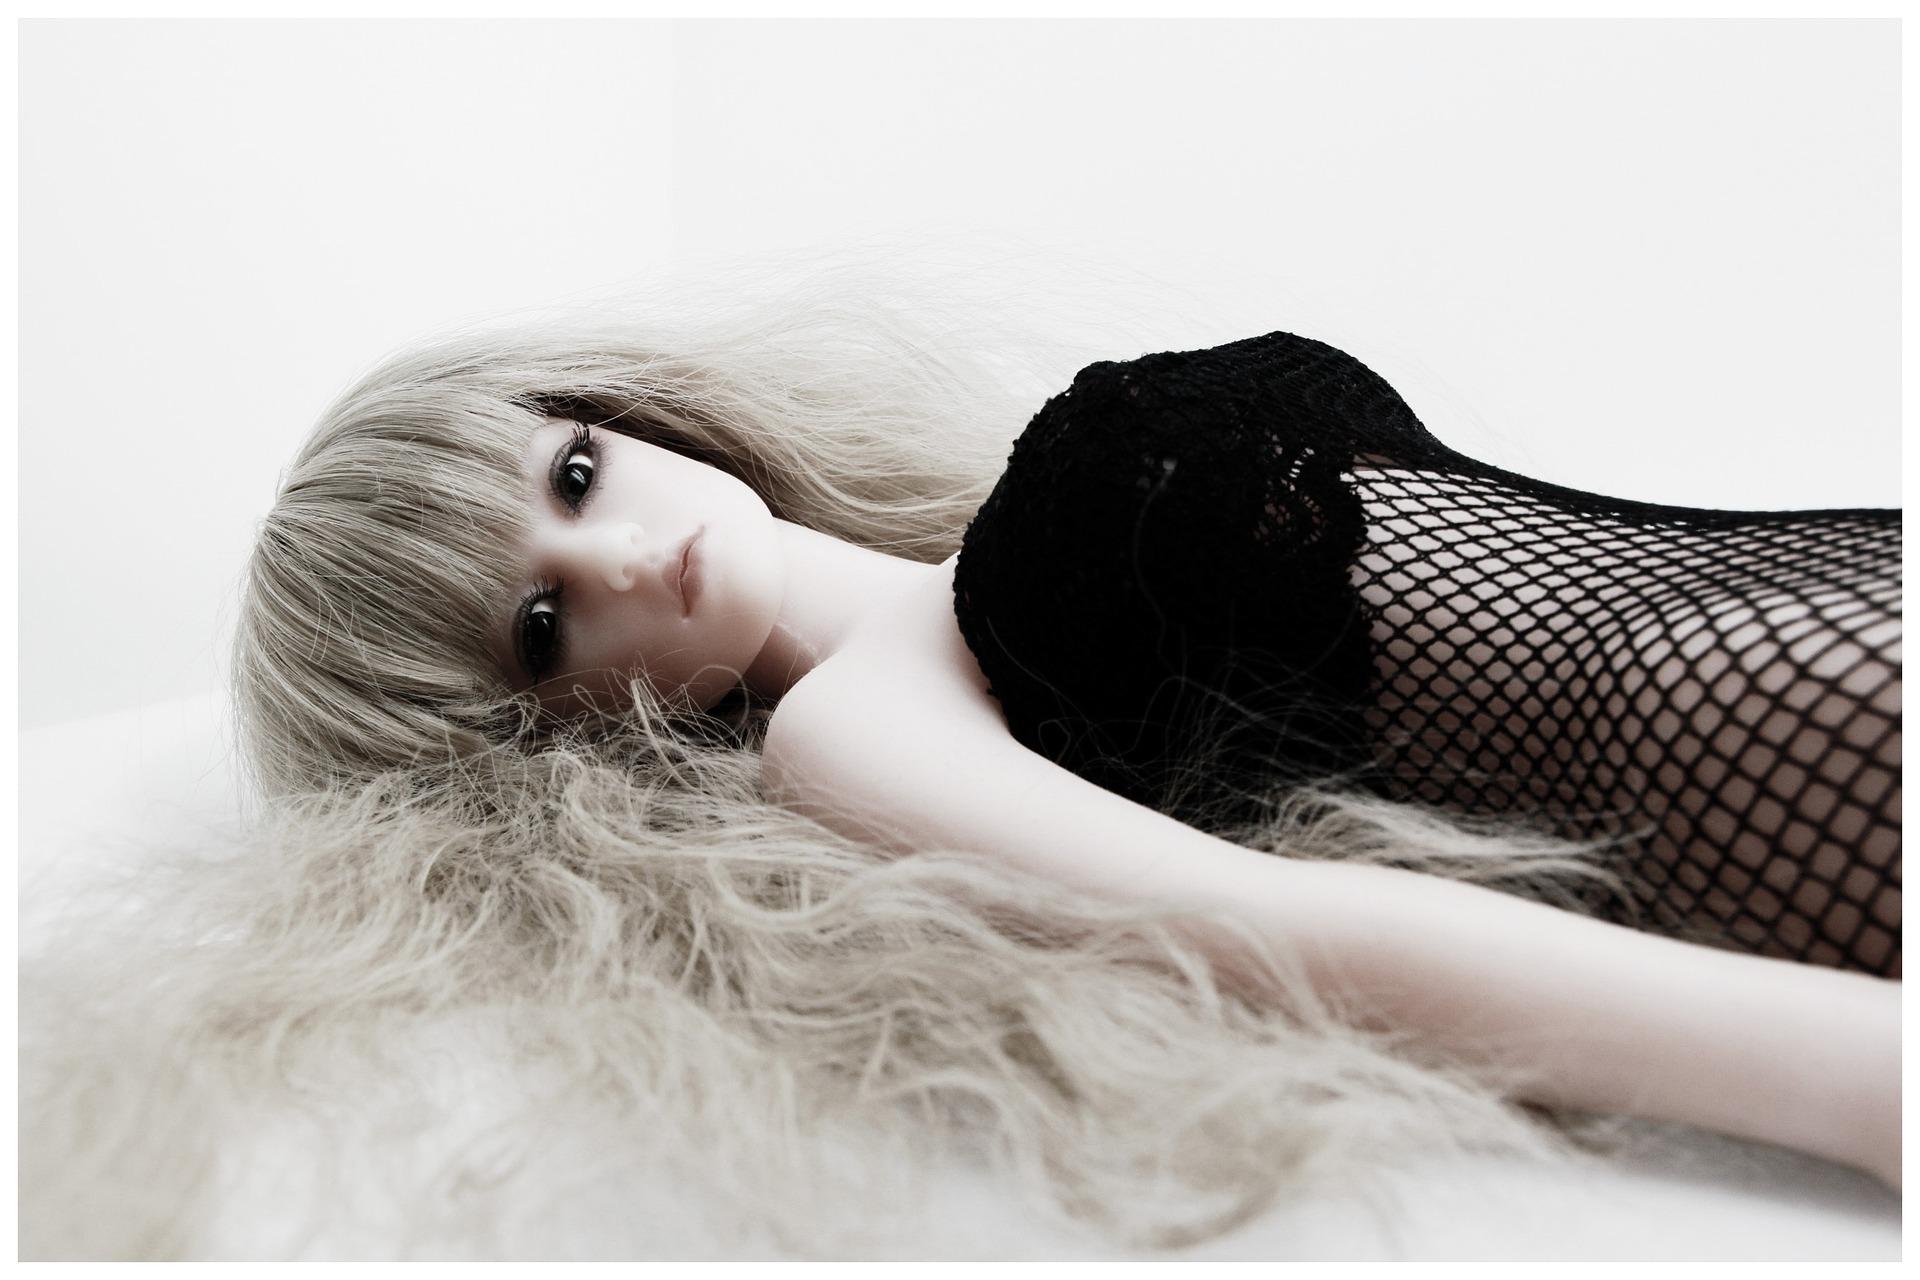 doll-1265891_1920